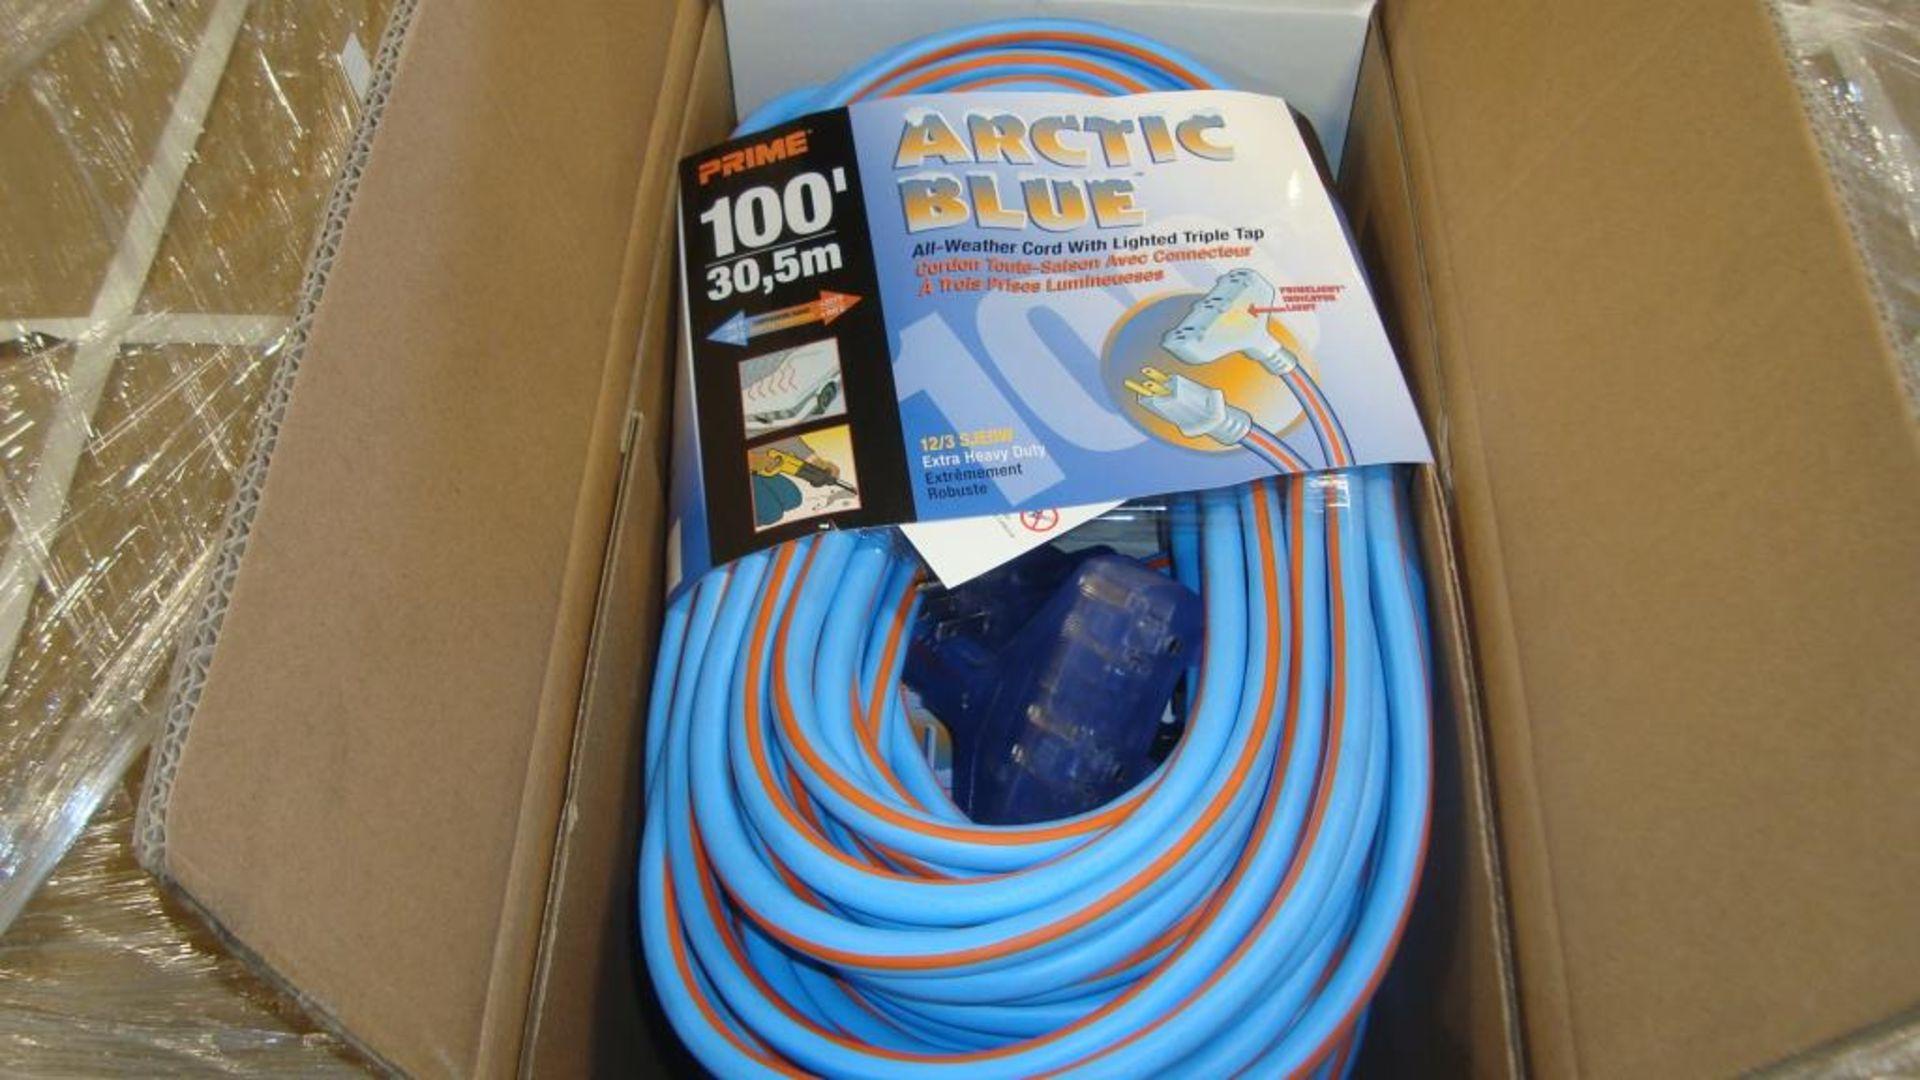 Extension Cords. Lot: 90 Total (30 Boxes - 3 ea.) Prime Wire & Cable pn# LT630835 Arctic Blue 100